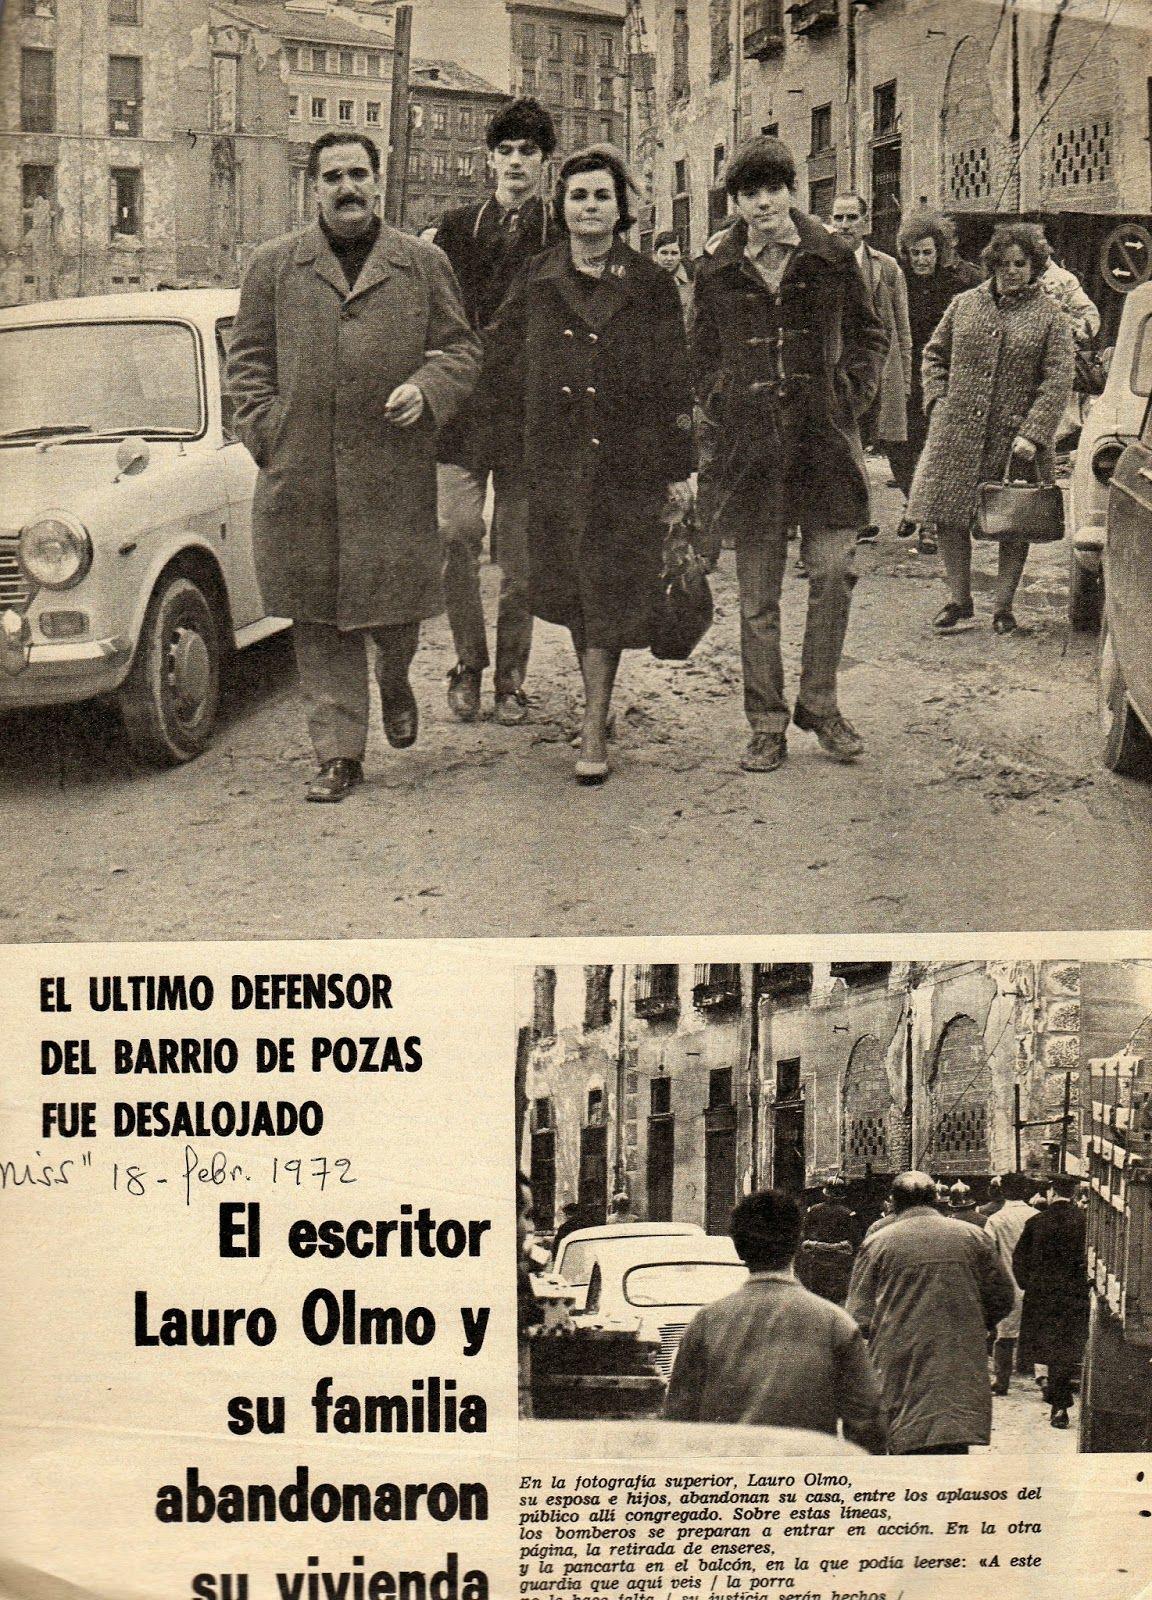 Lauro Olmo y su familia abandona su casa tras ser desalojados ( Triunfo , 19 de febrero de 1972)